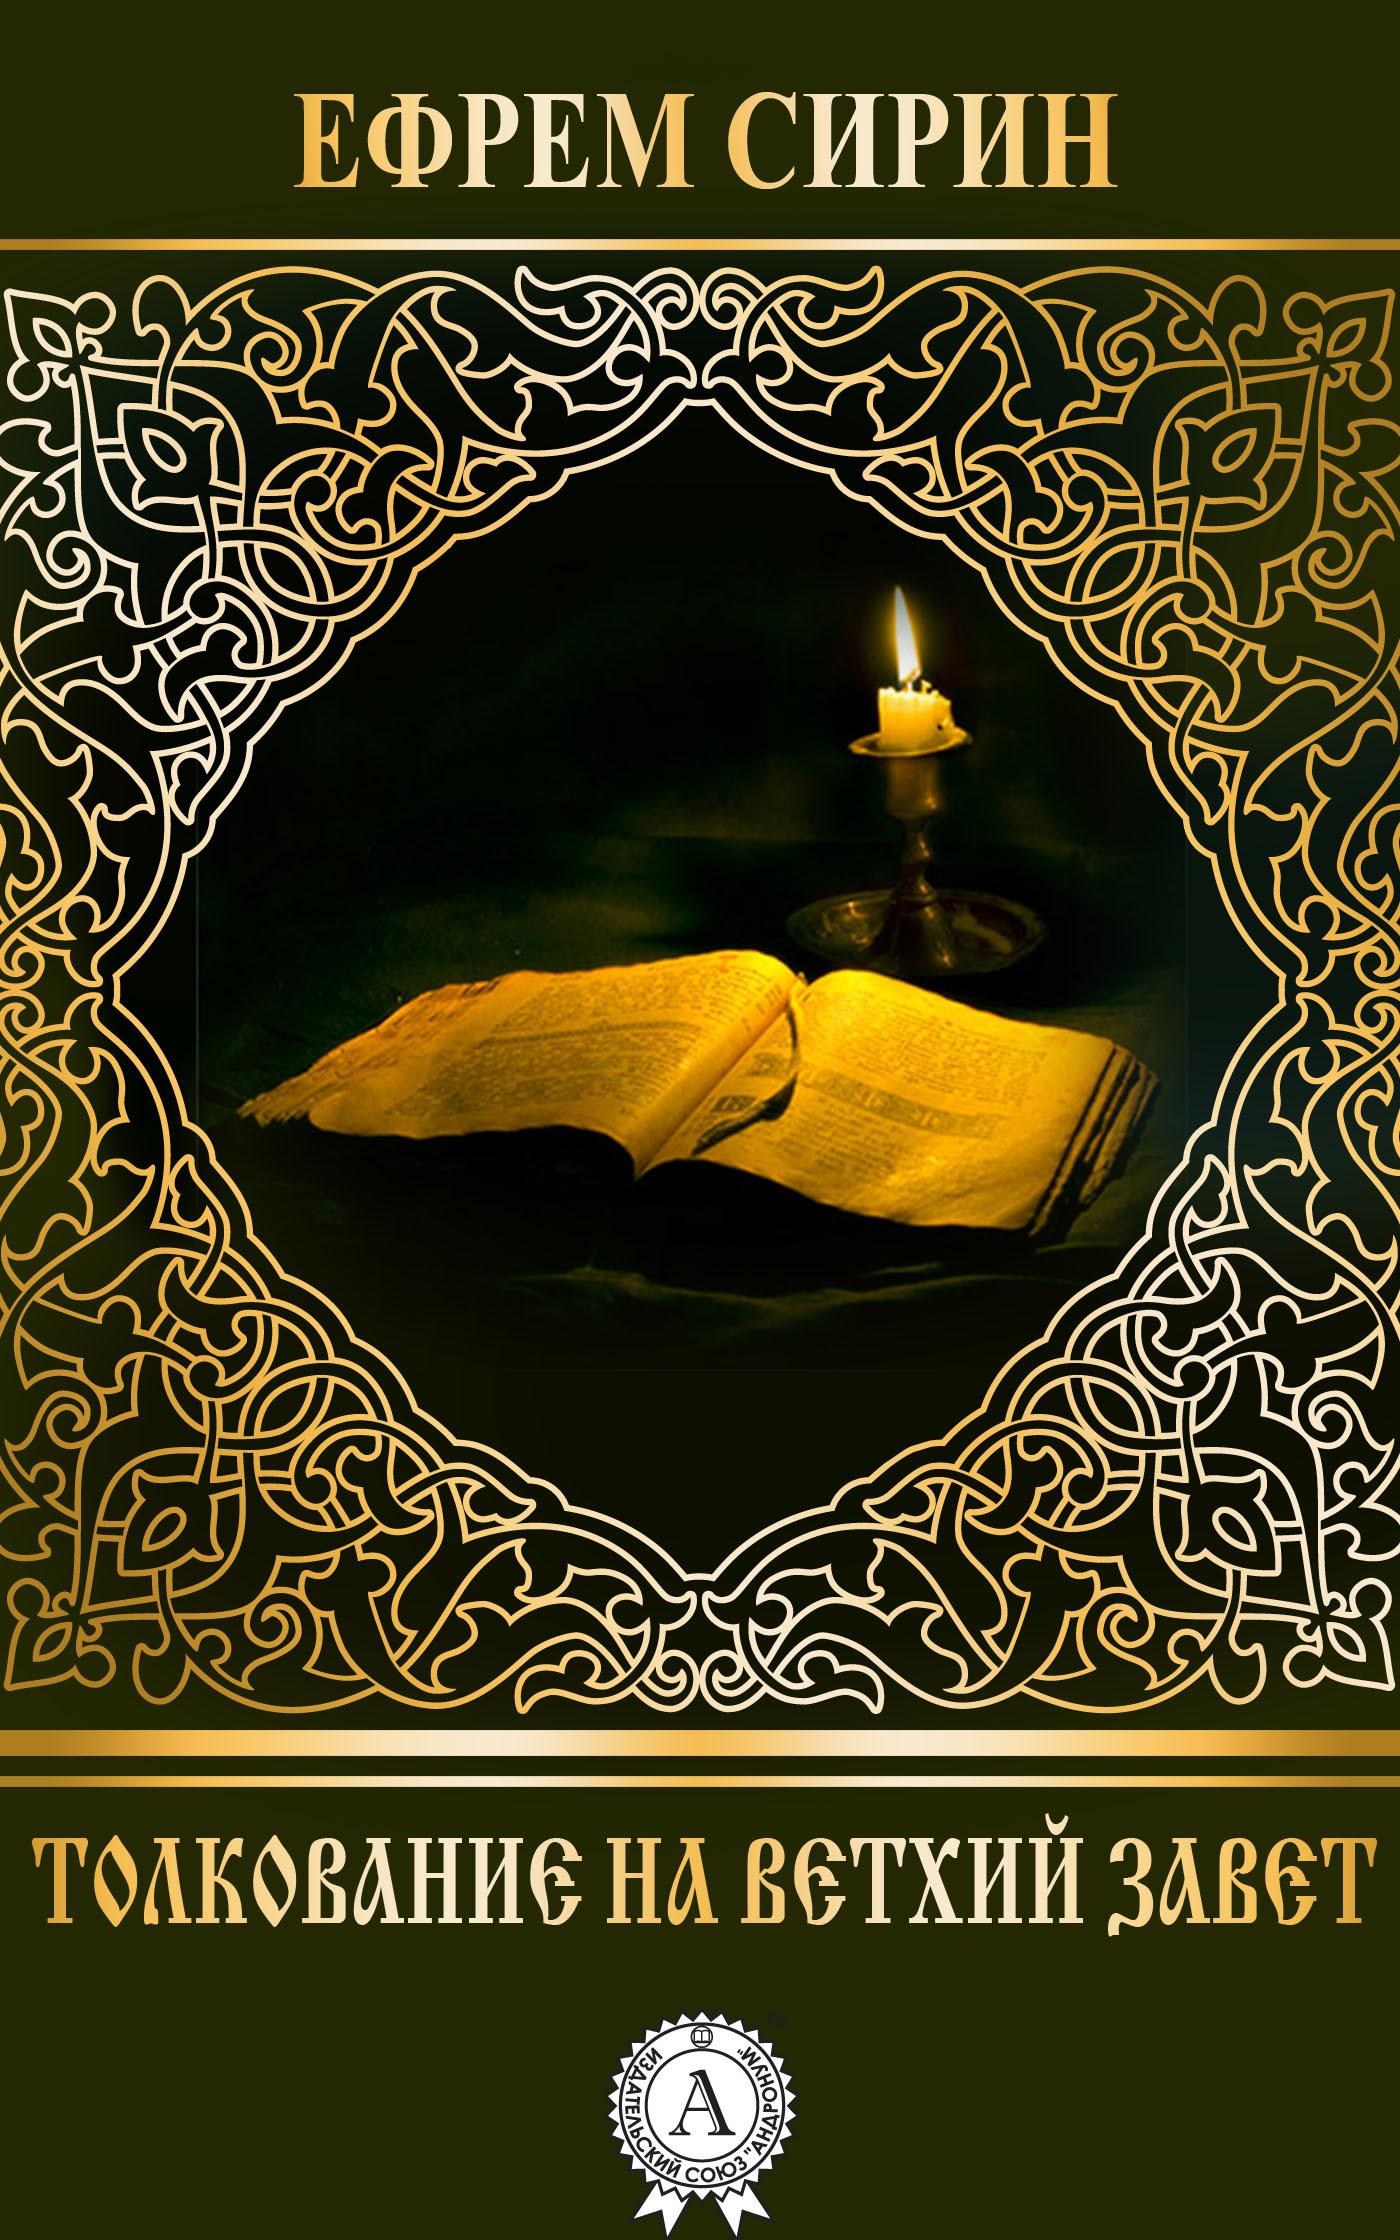 преподобный Ефрем Сирин Толкование на Ветхий Завет ефрем сирин преподобный возблагодарим благого бога духовный азбуковник алфавитный сборник